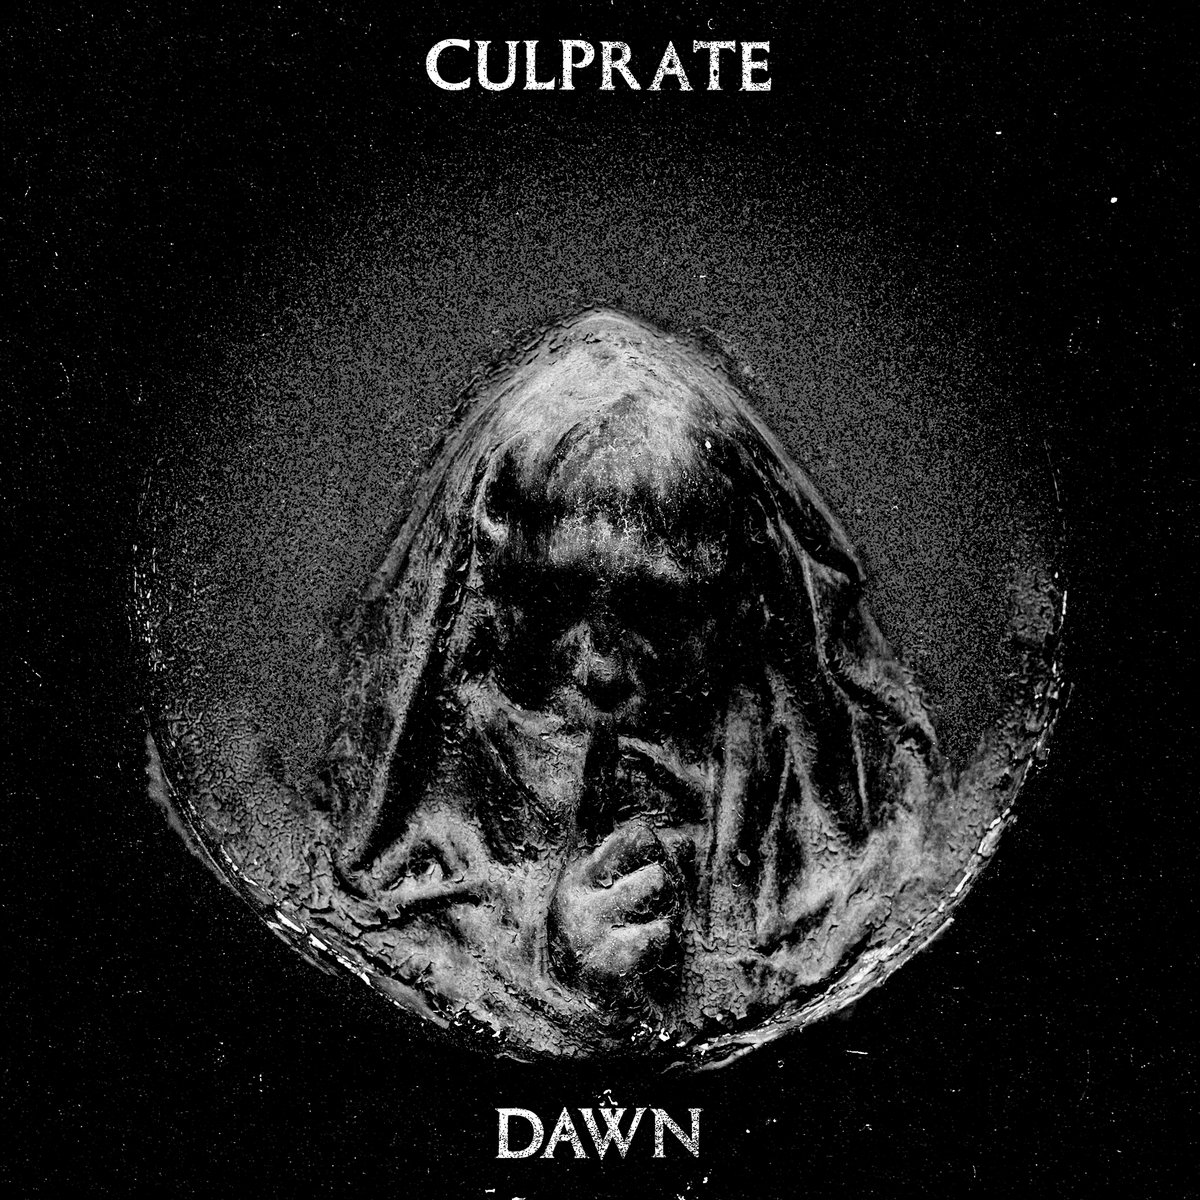 dawn culprate